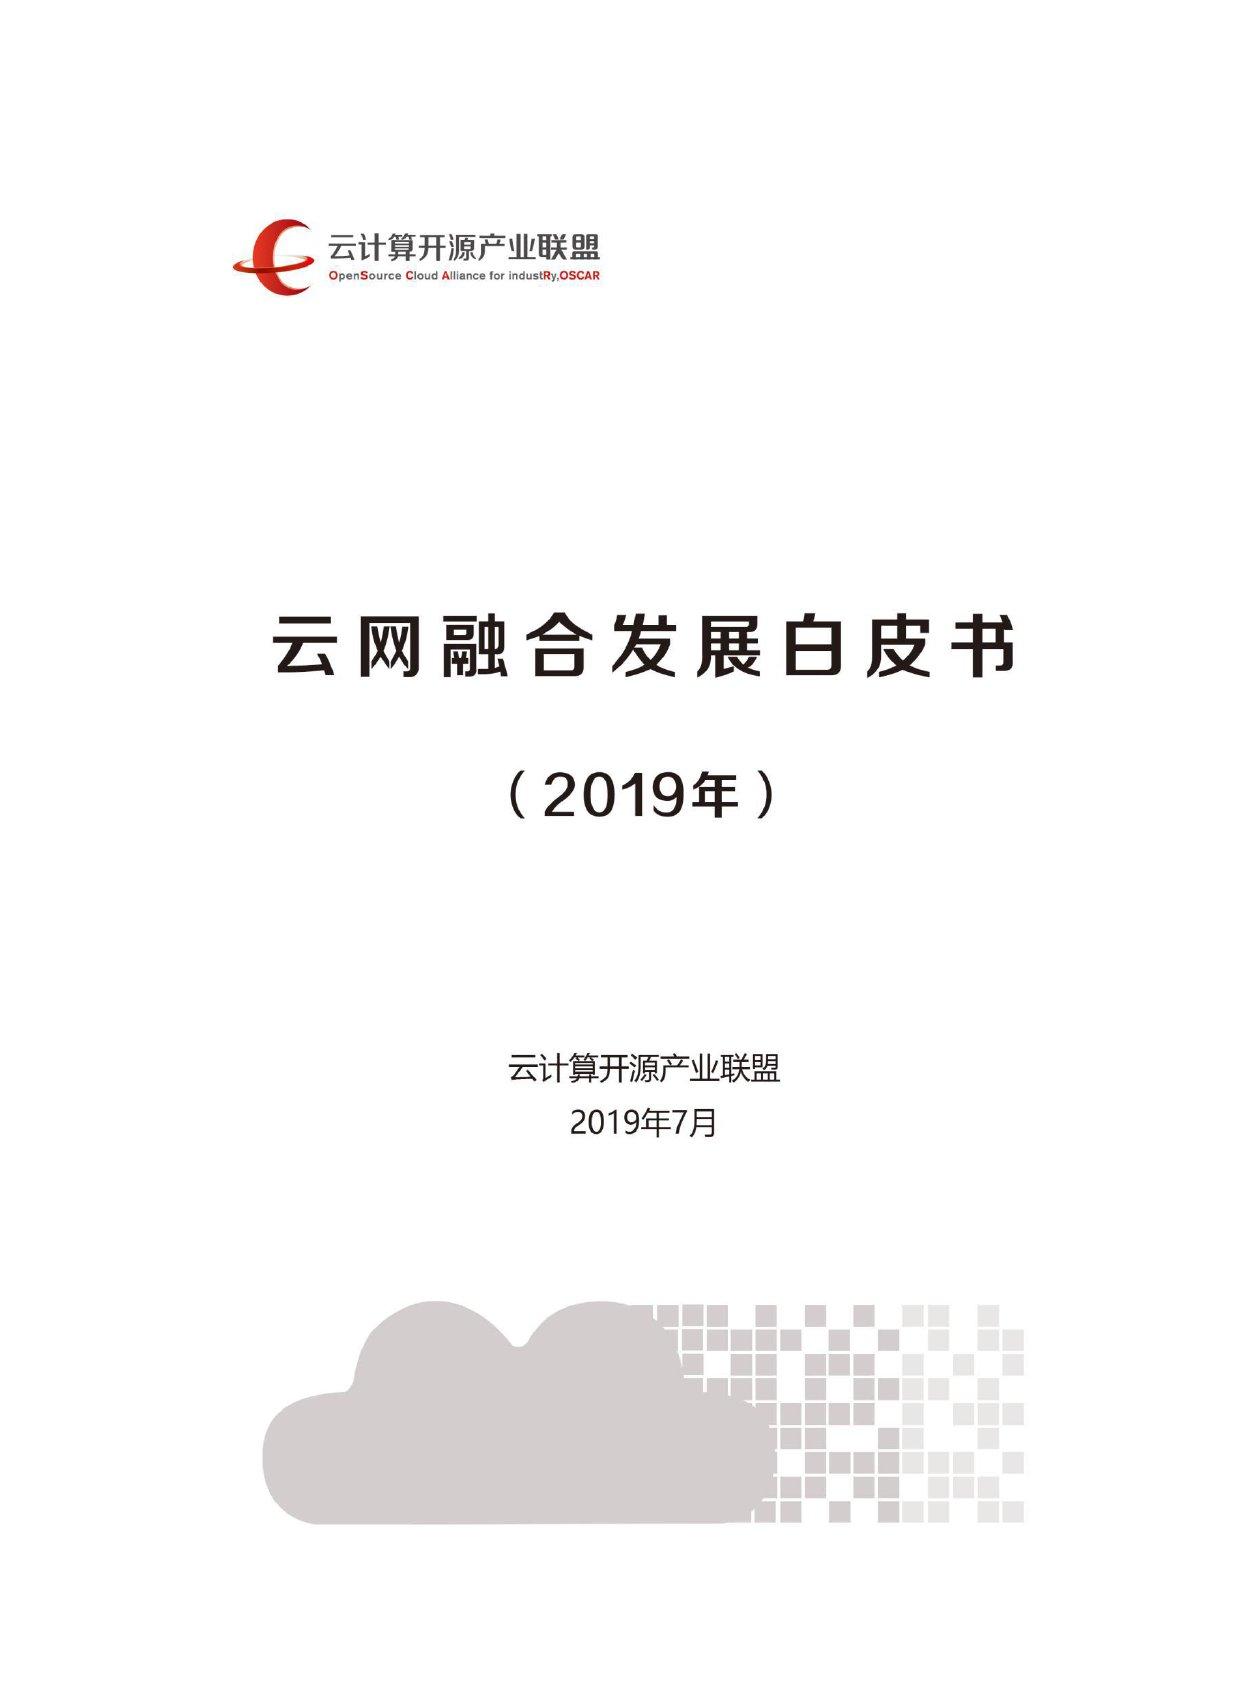 云计算开源产业联盟:2019年云网融合发展白皮书(附下载)